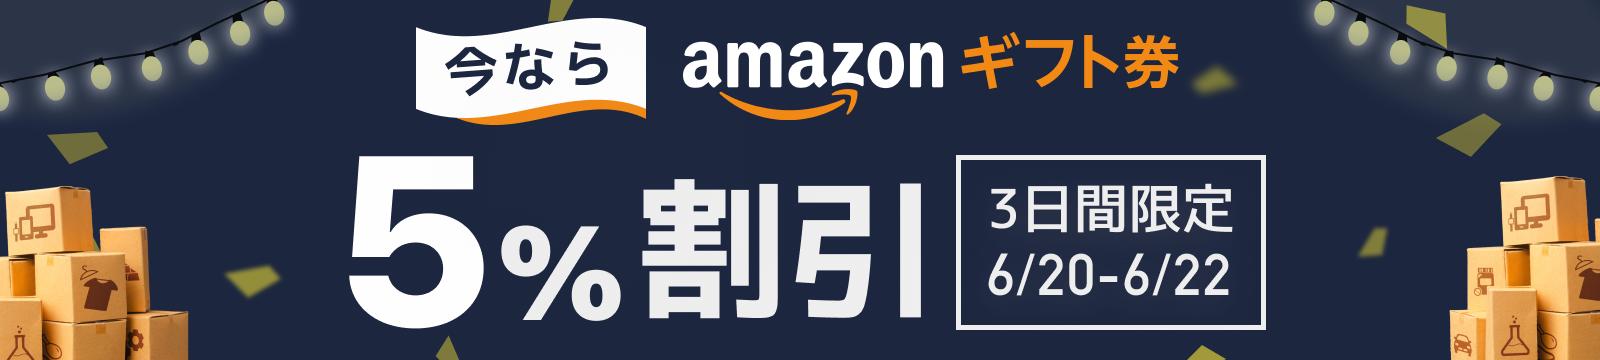 Amazonギフト5%割引